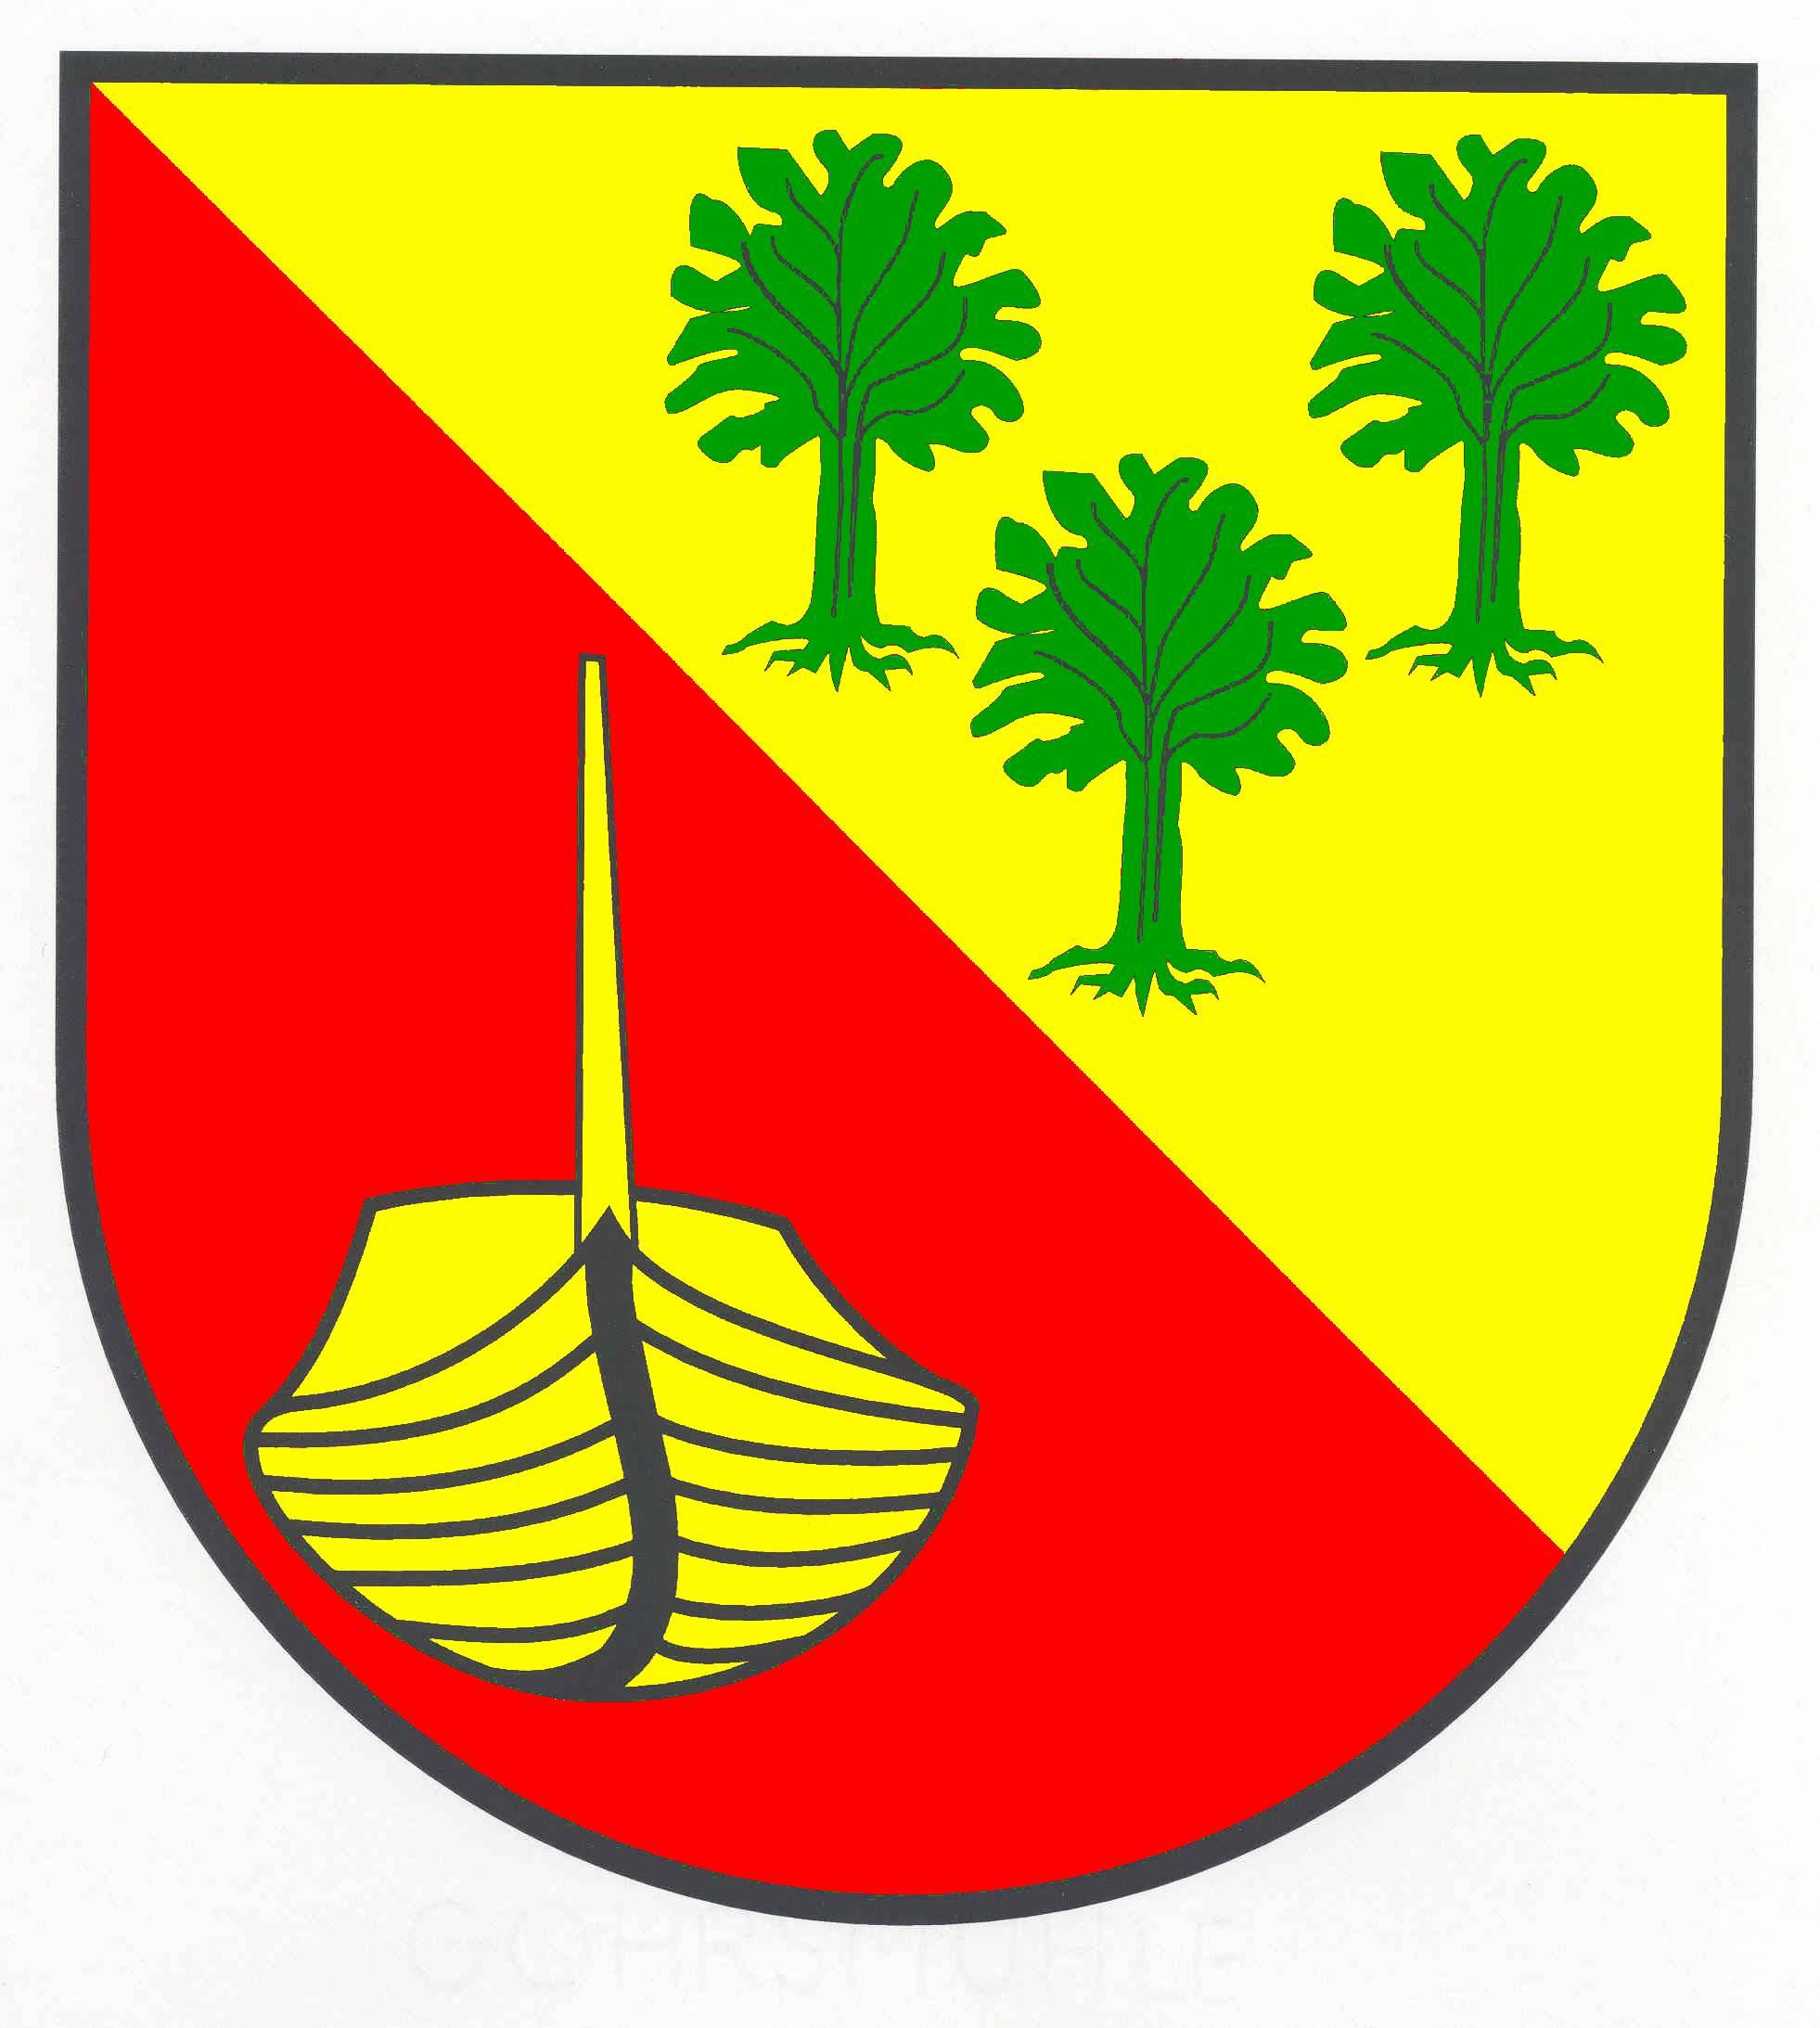 Wappen GemeindeSchiphorst, Kreis Herzogtum Lauenburg